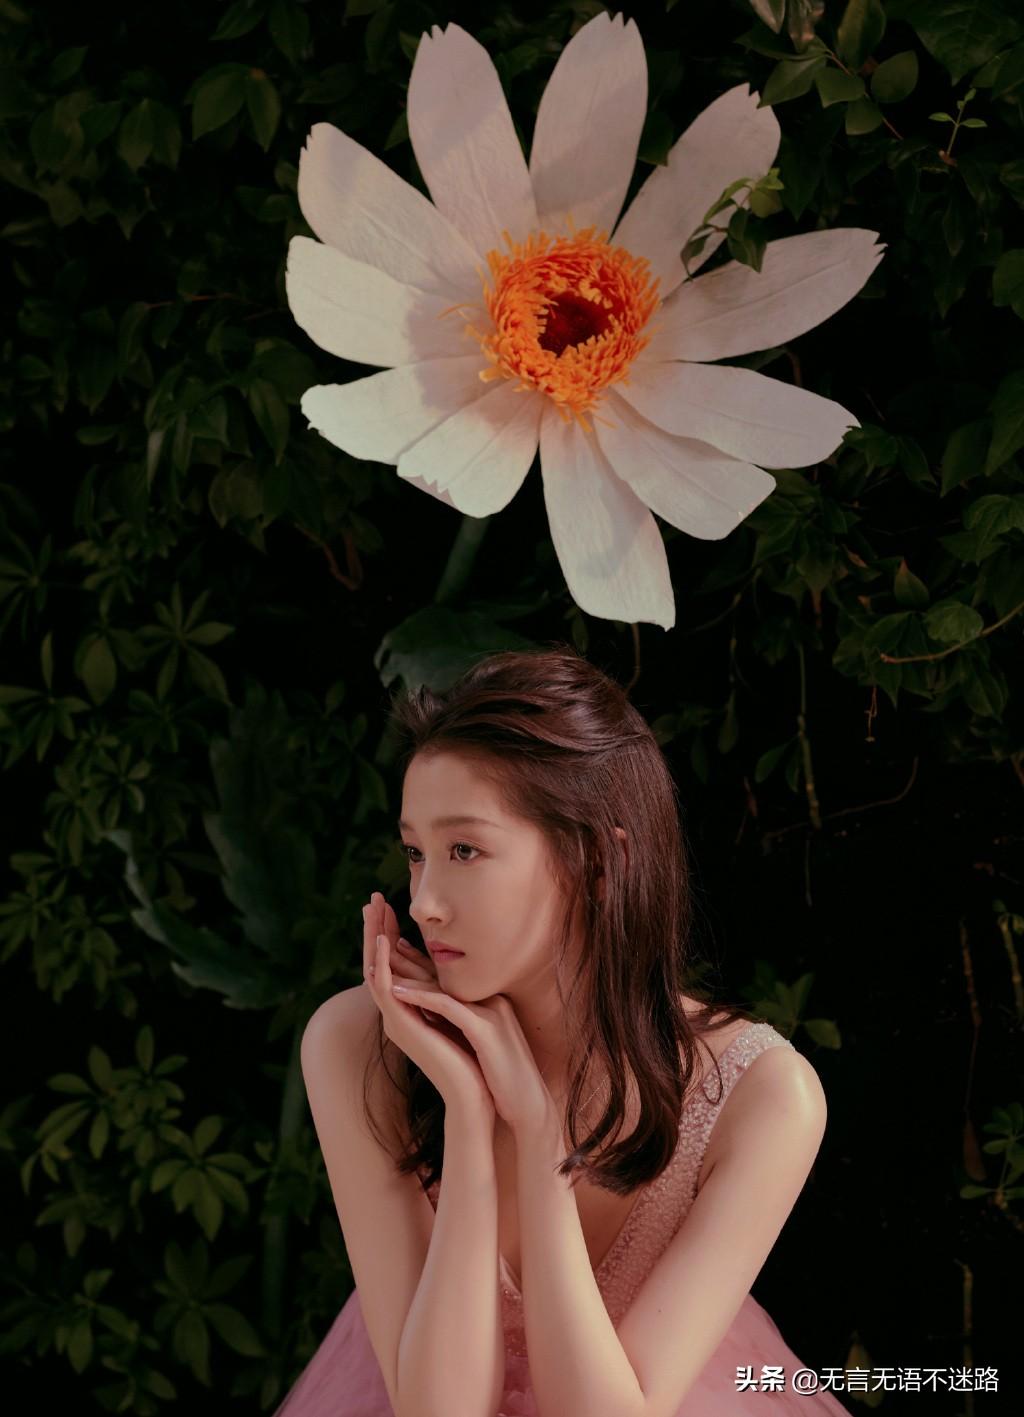 关晓彤 花粉蛋糕裙造型 尽显浪漫气息